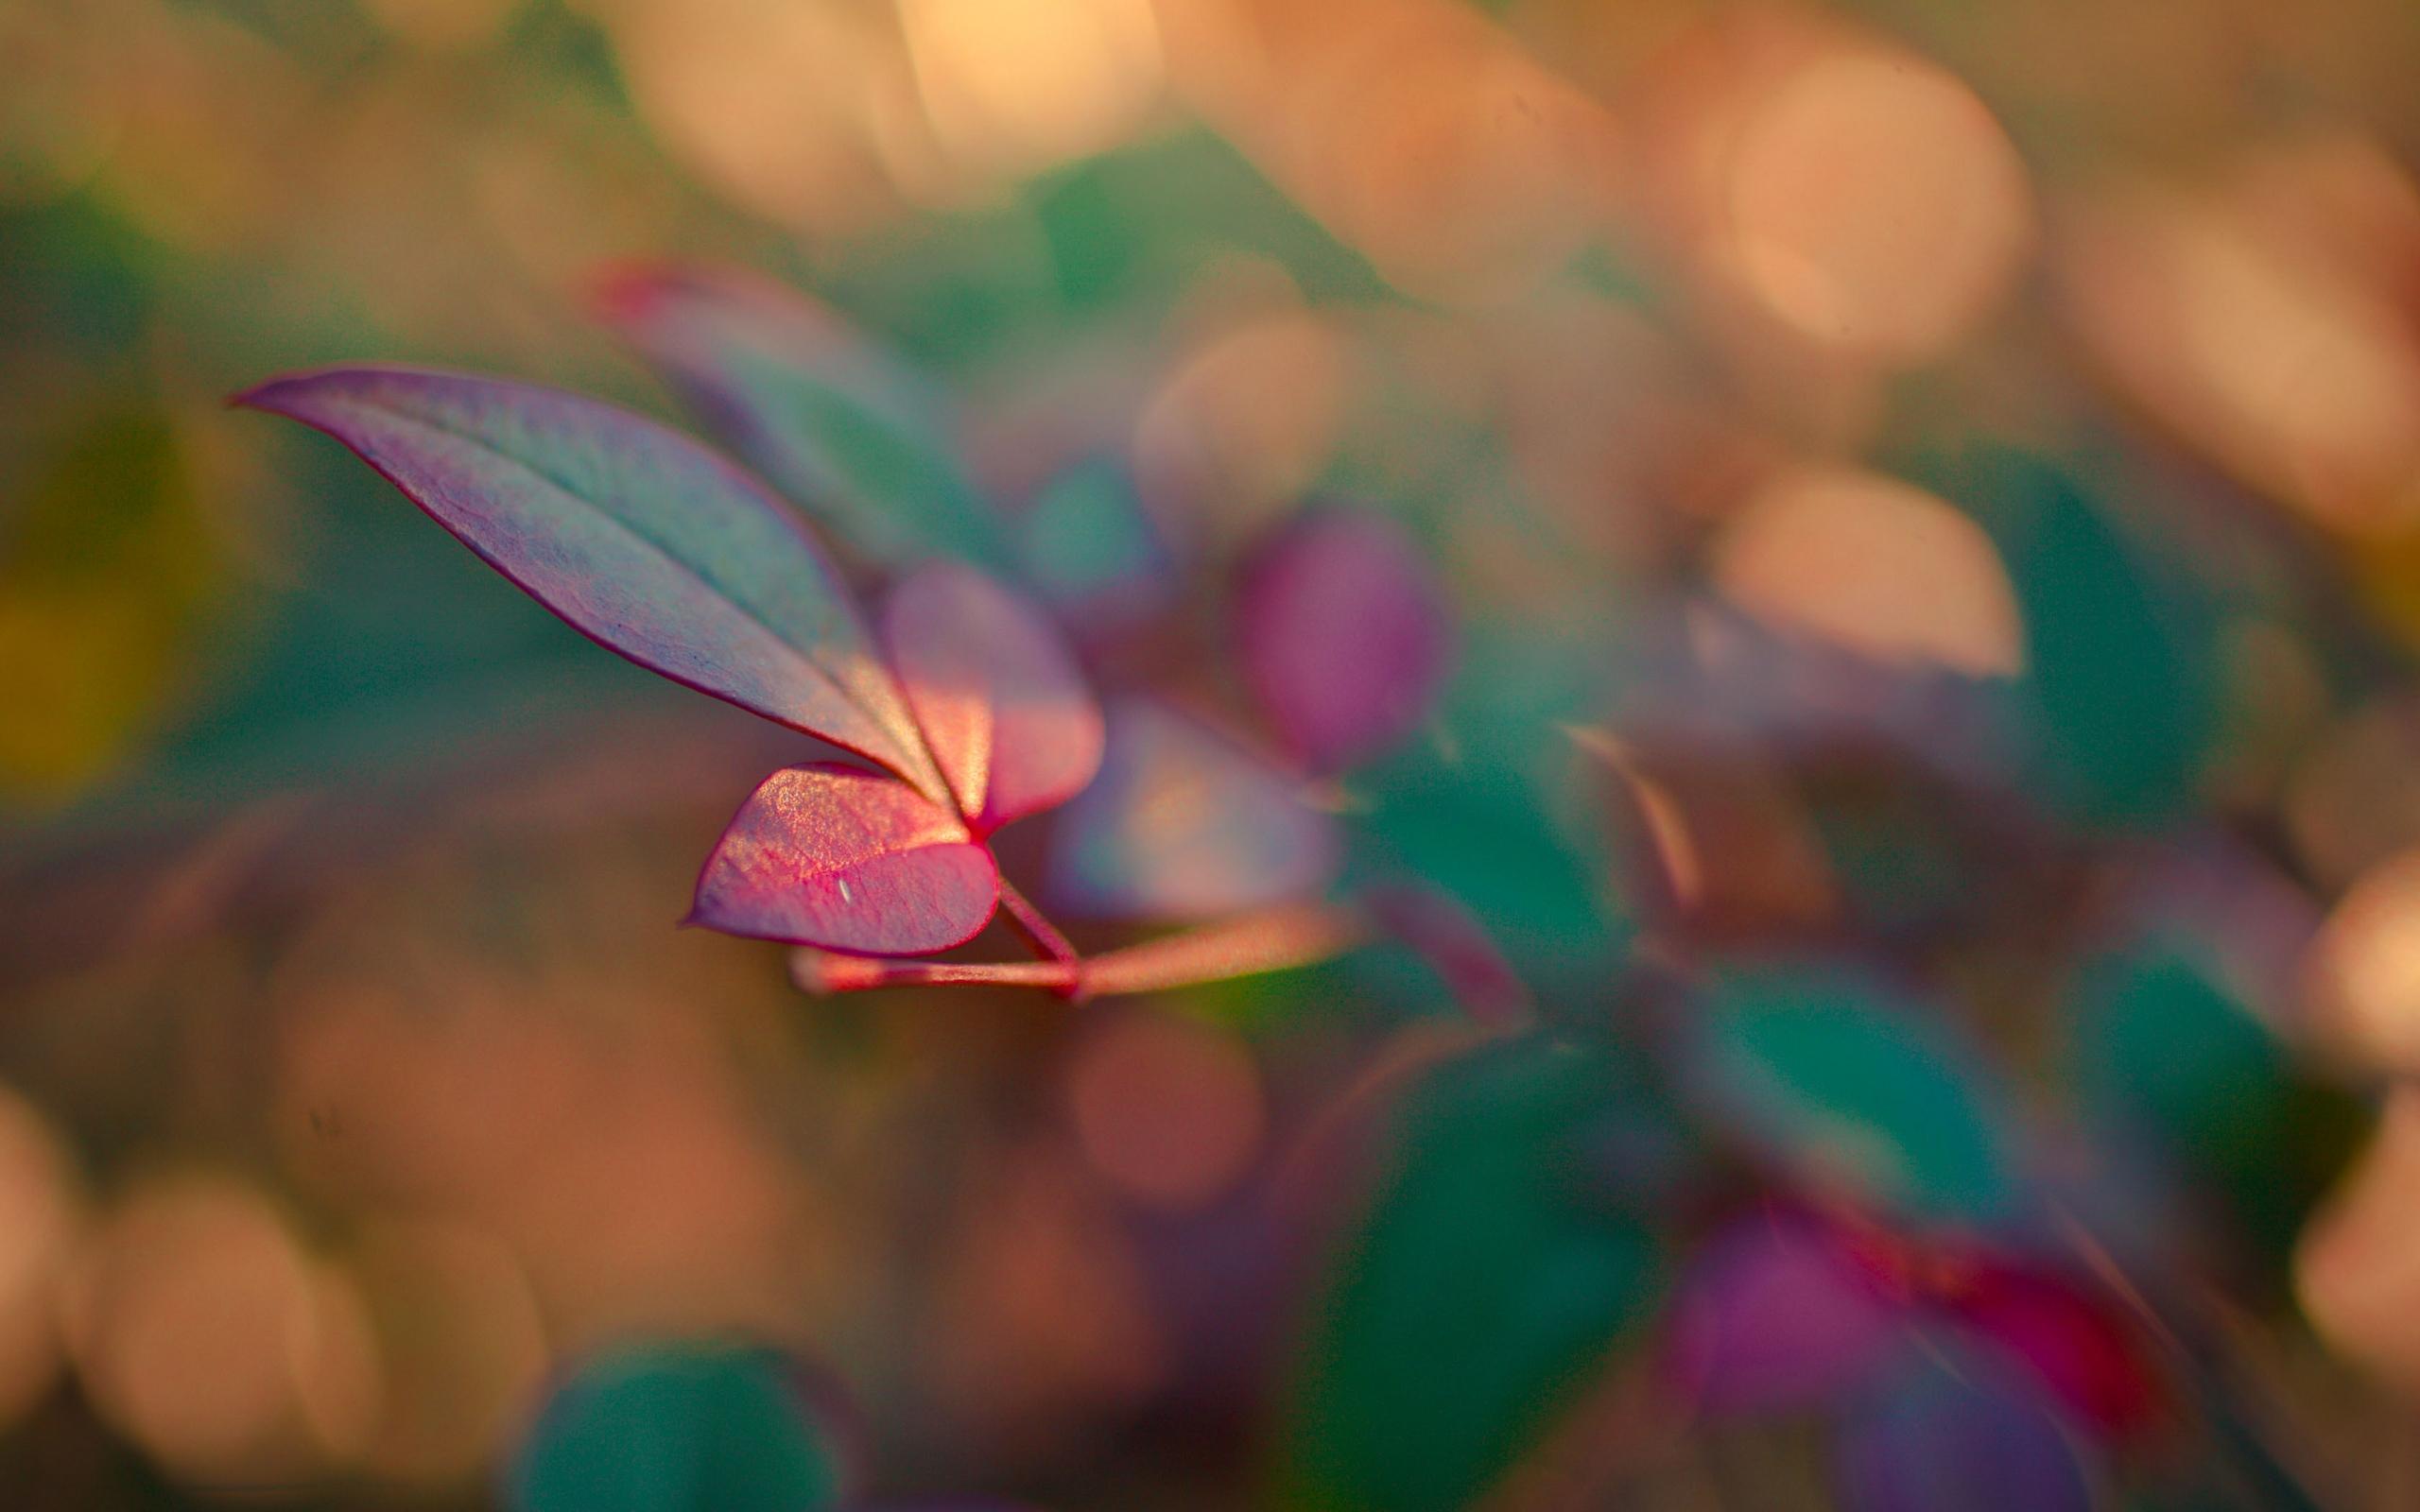 ветка, листья, зелено-красные